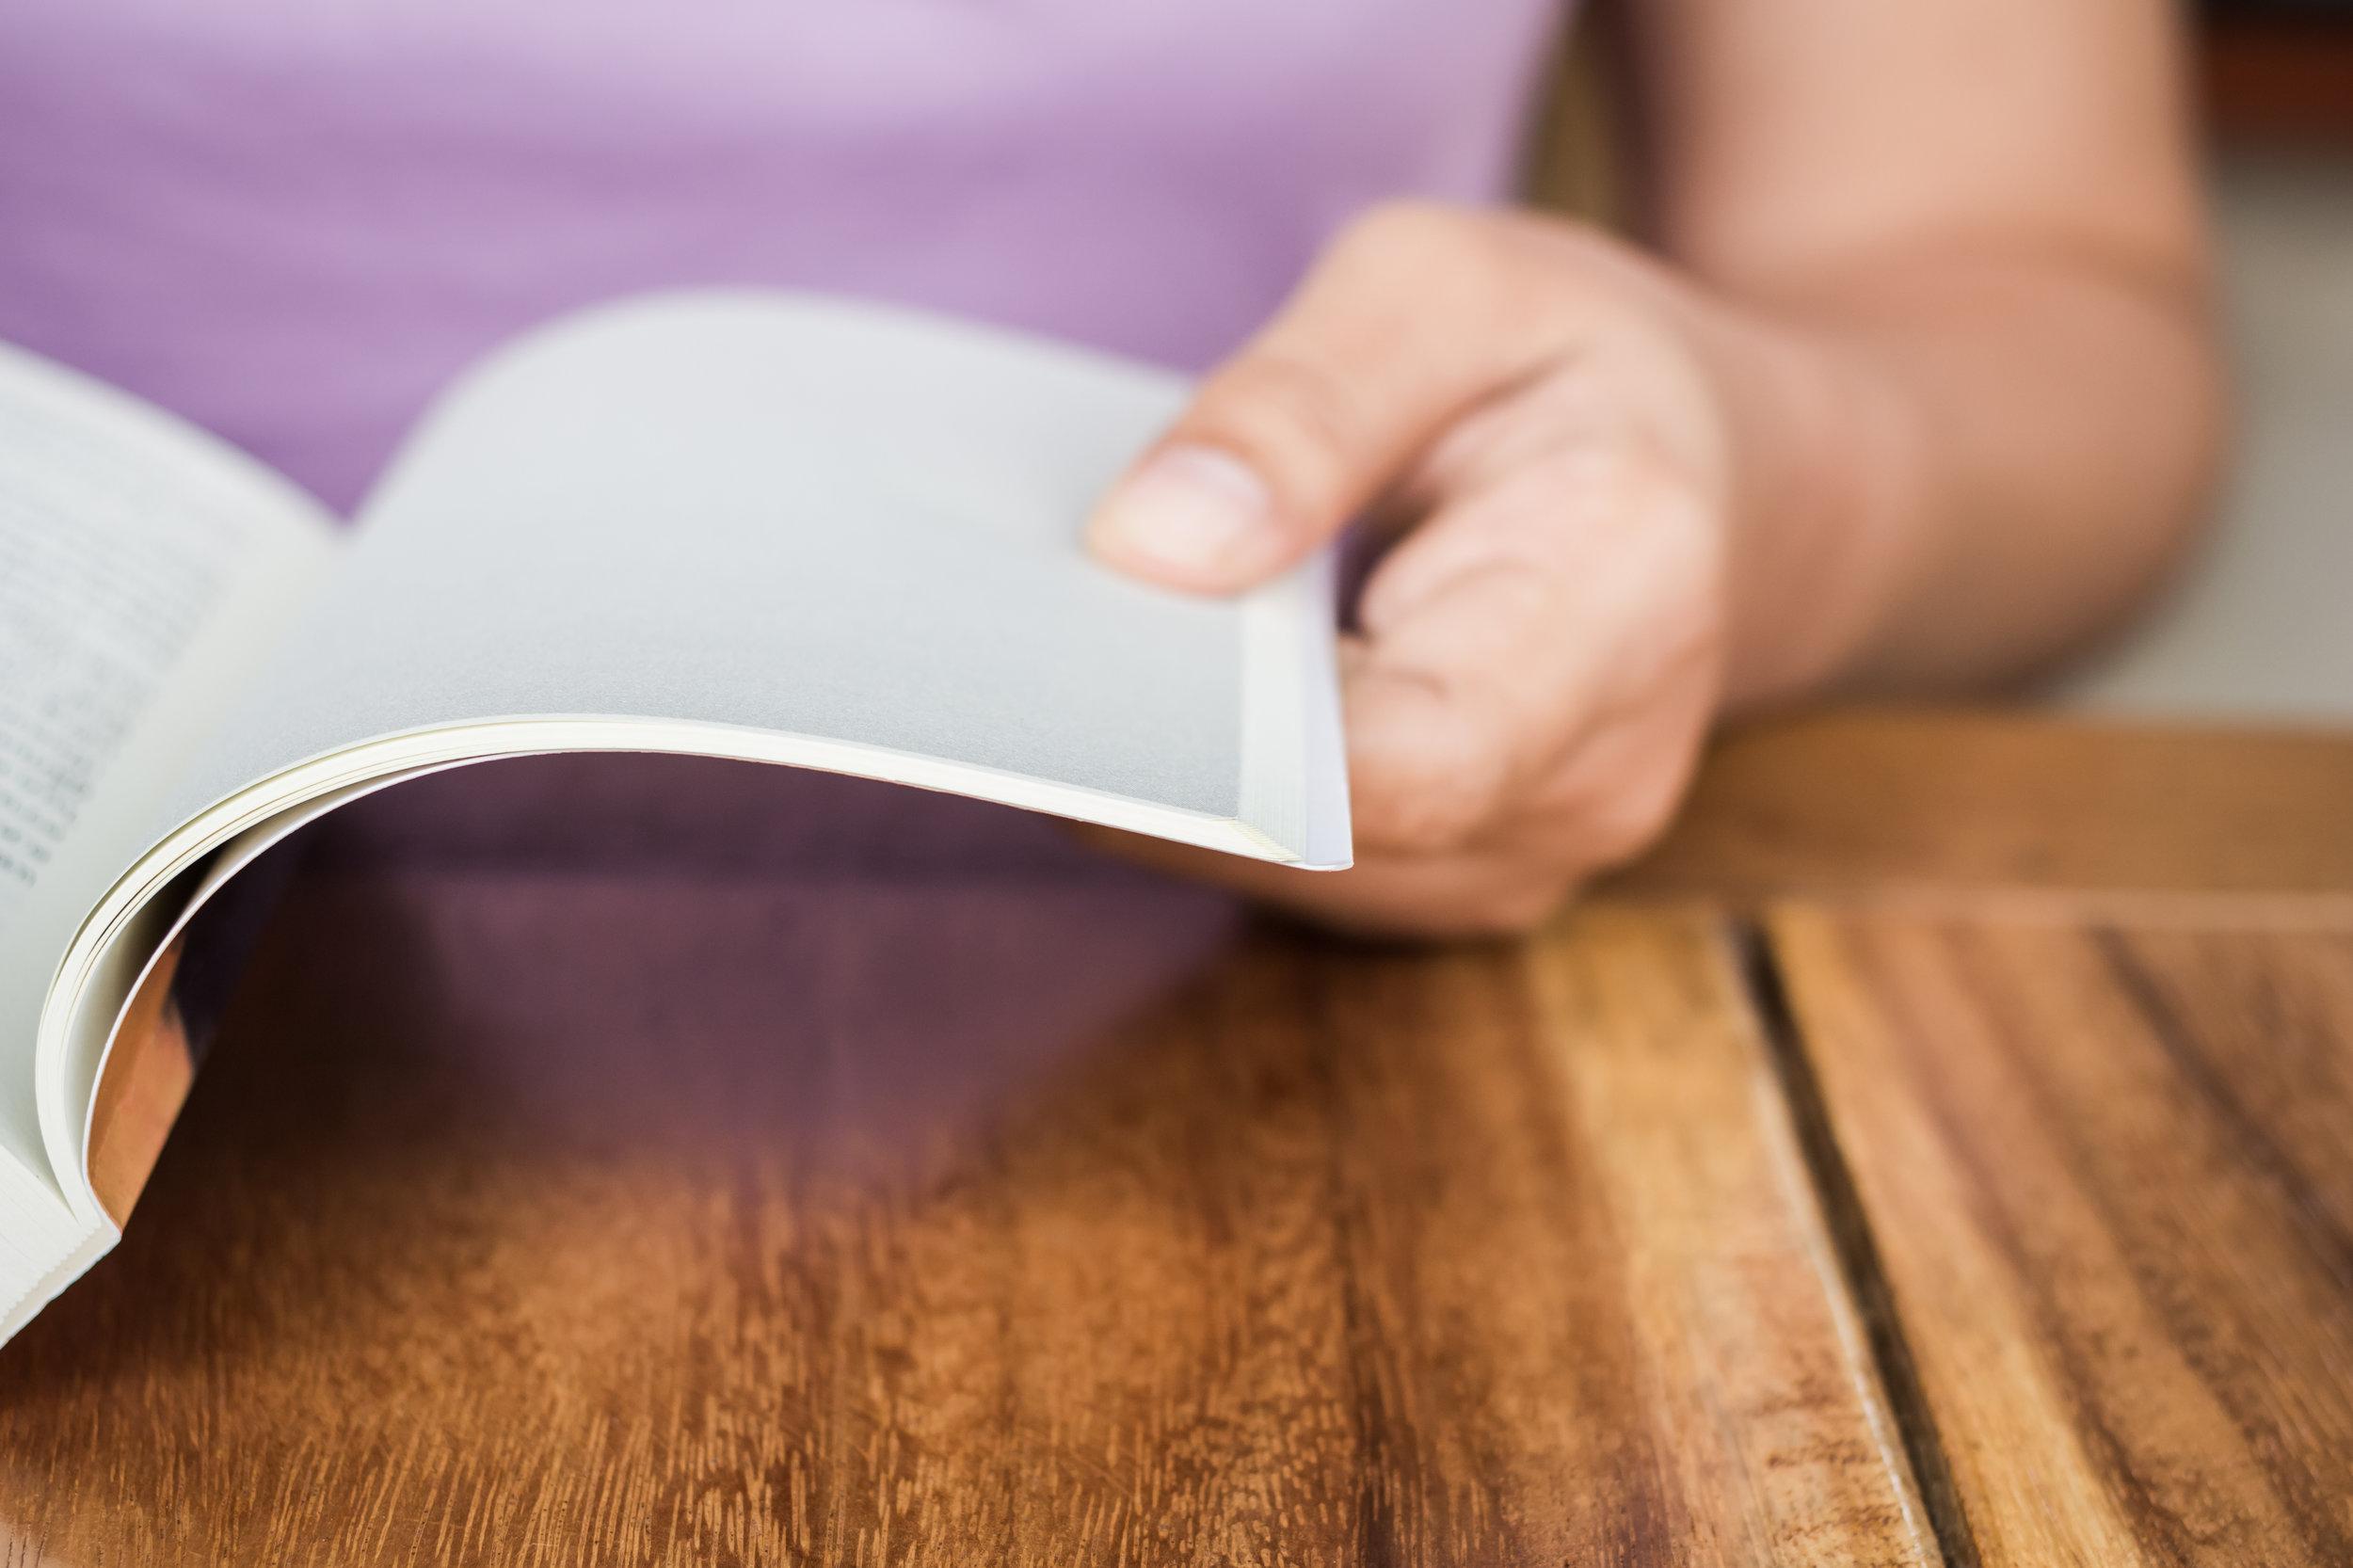 Open Book shutterstock_130330691.jpg